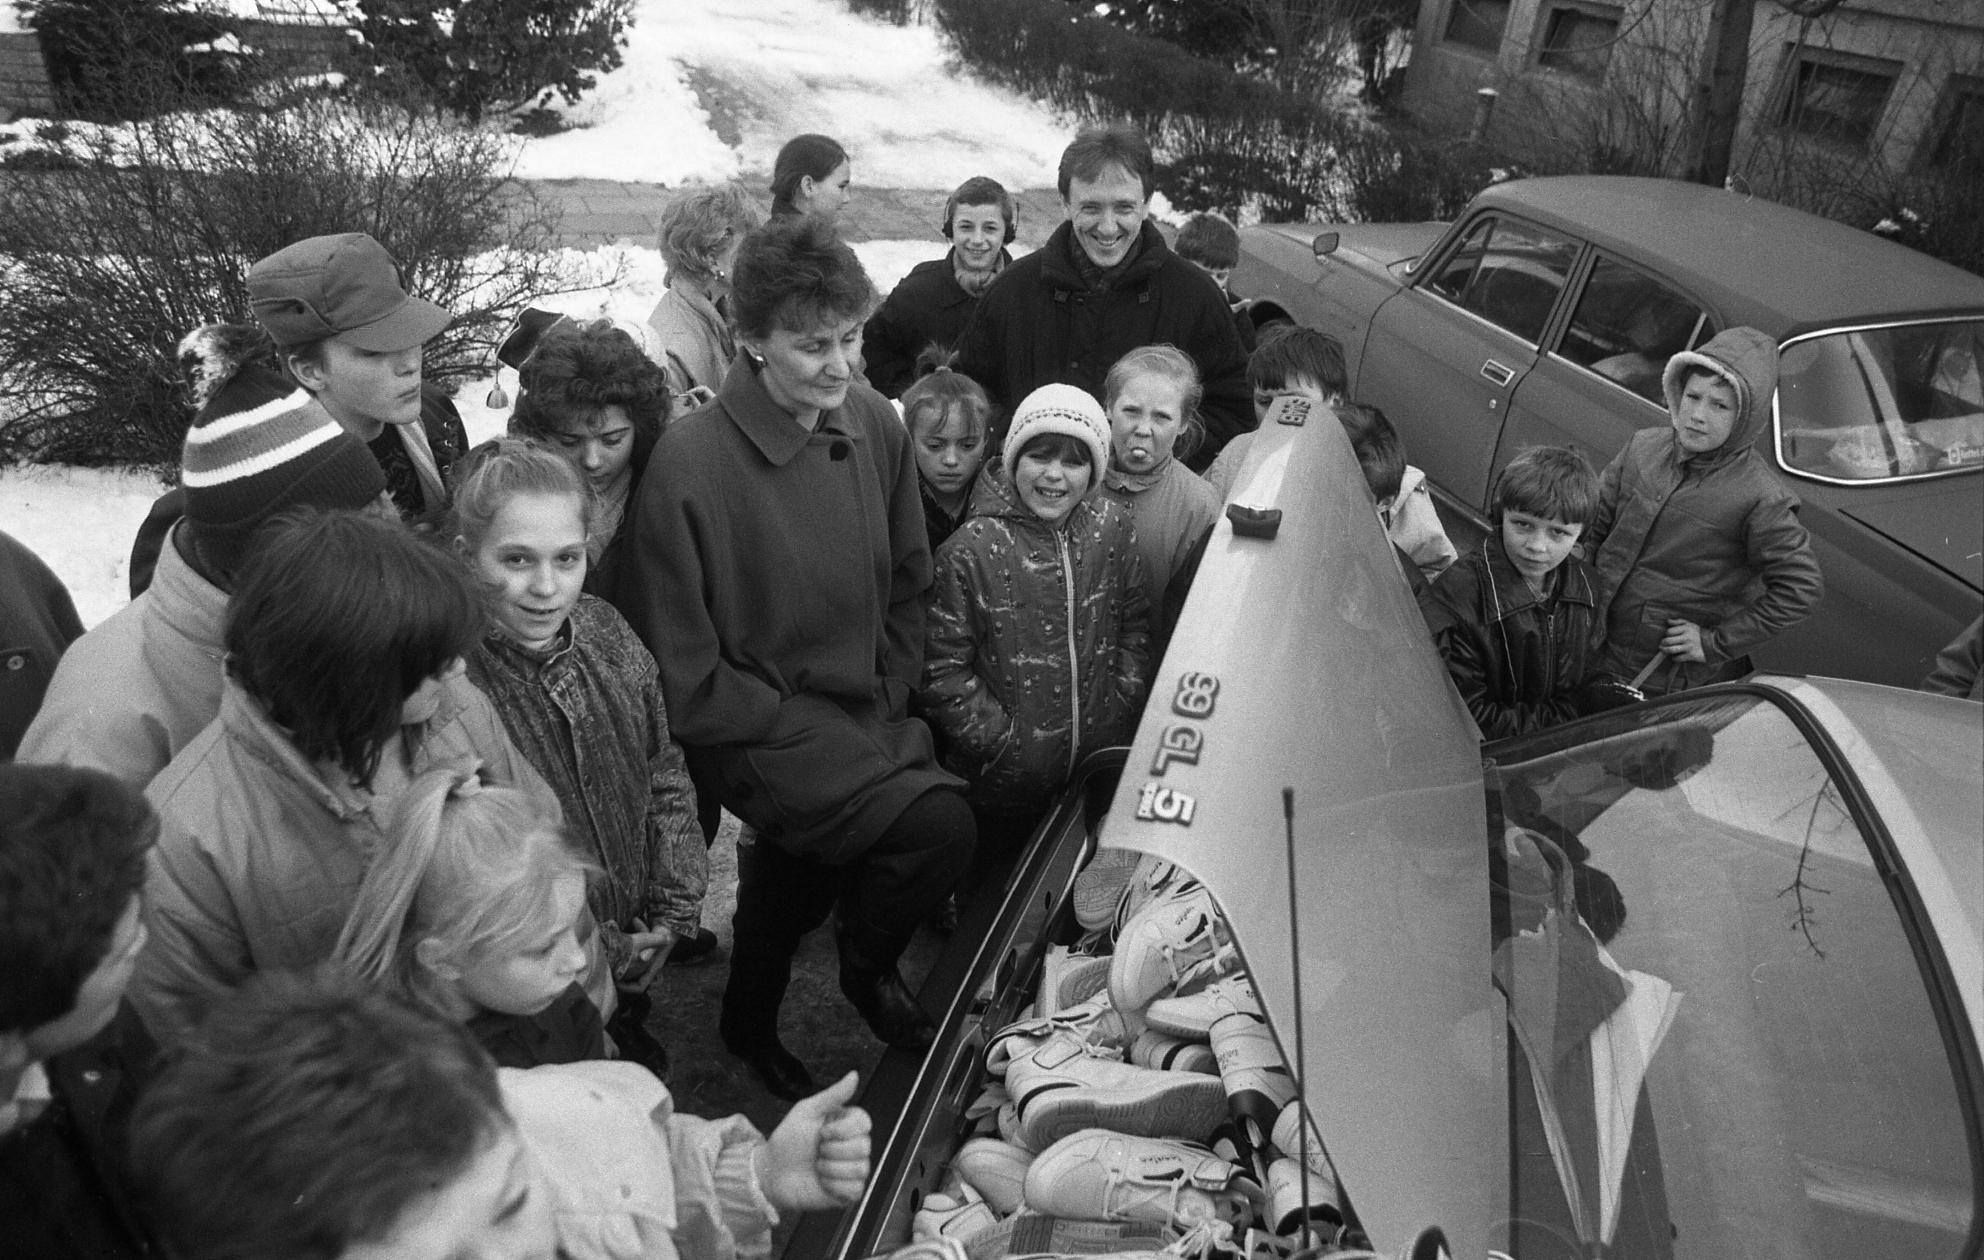 Гуманитарная помощь для детей, пострадавших от чернобыльской катастрофы. Фото Белорусского государственного архива кинофотофонодокументов